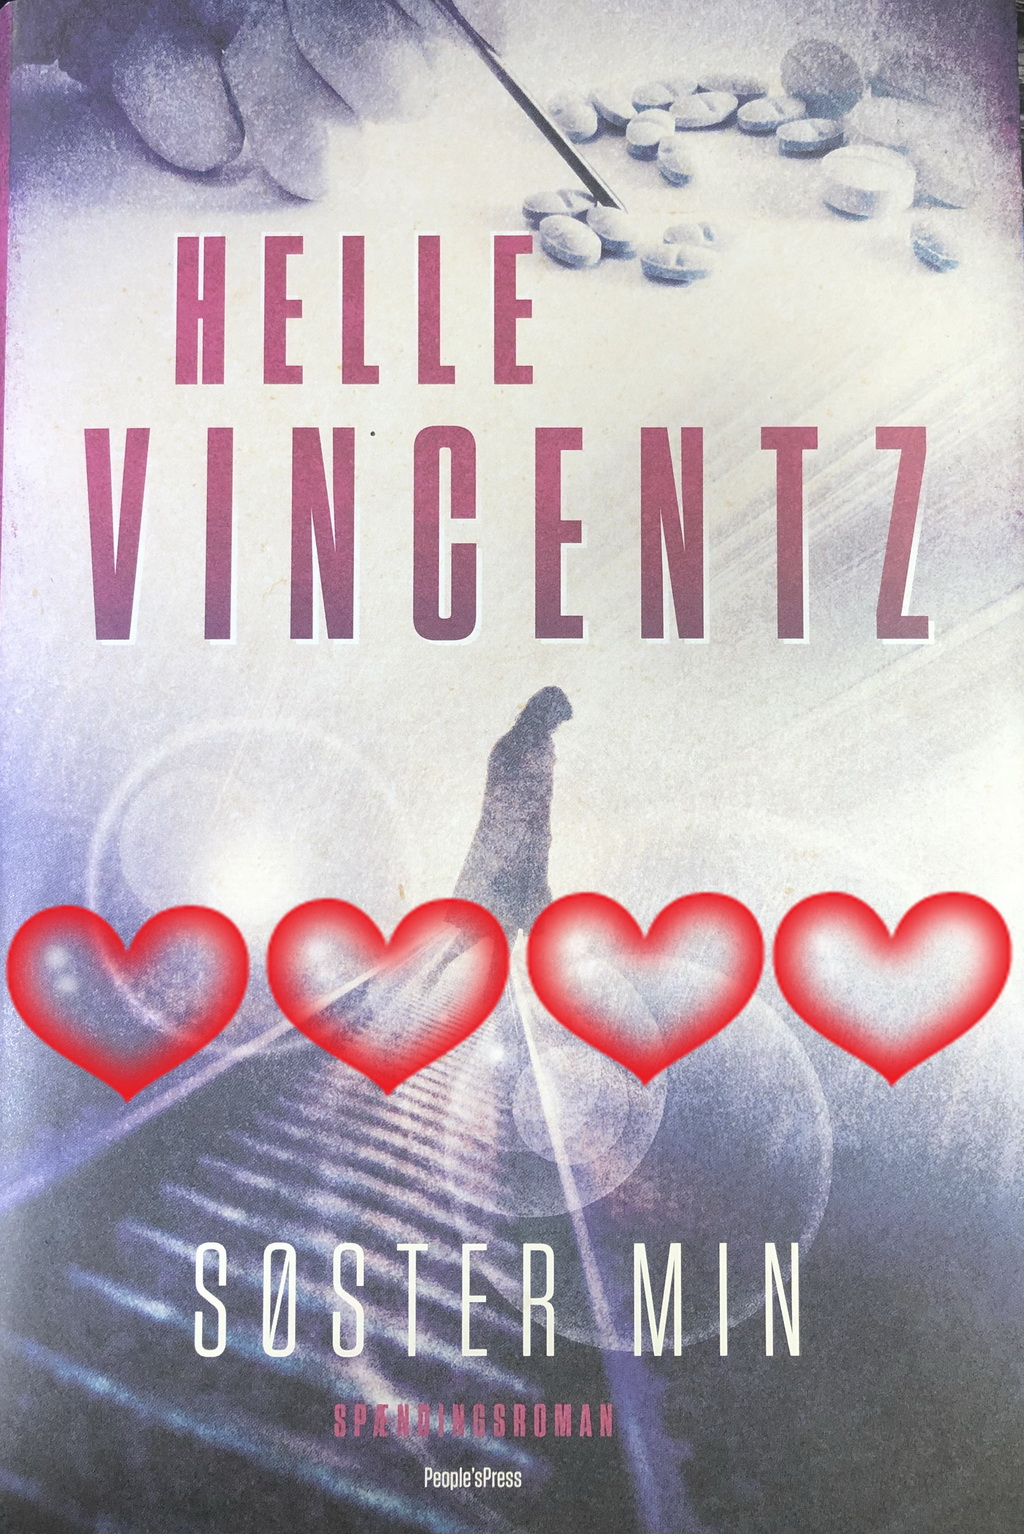 Søster min af Helle Vincentz